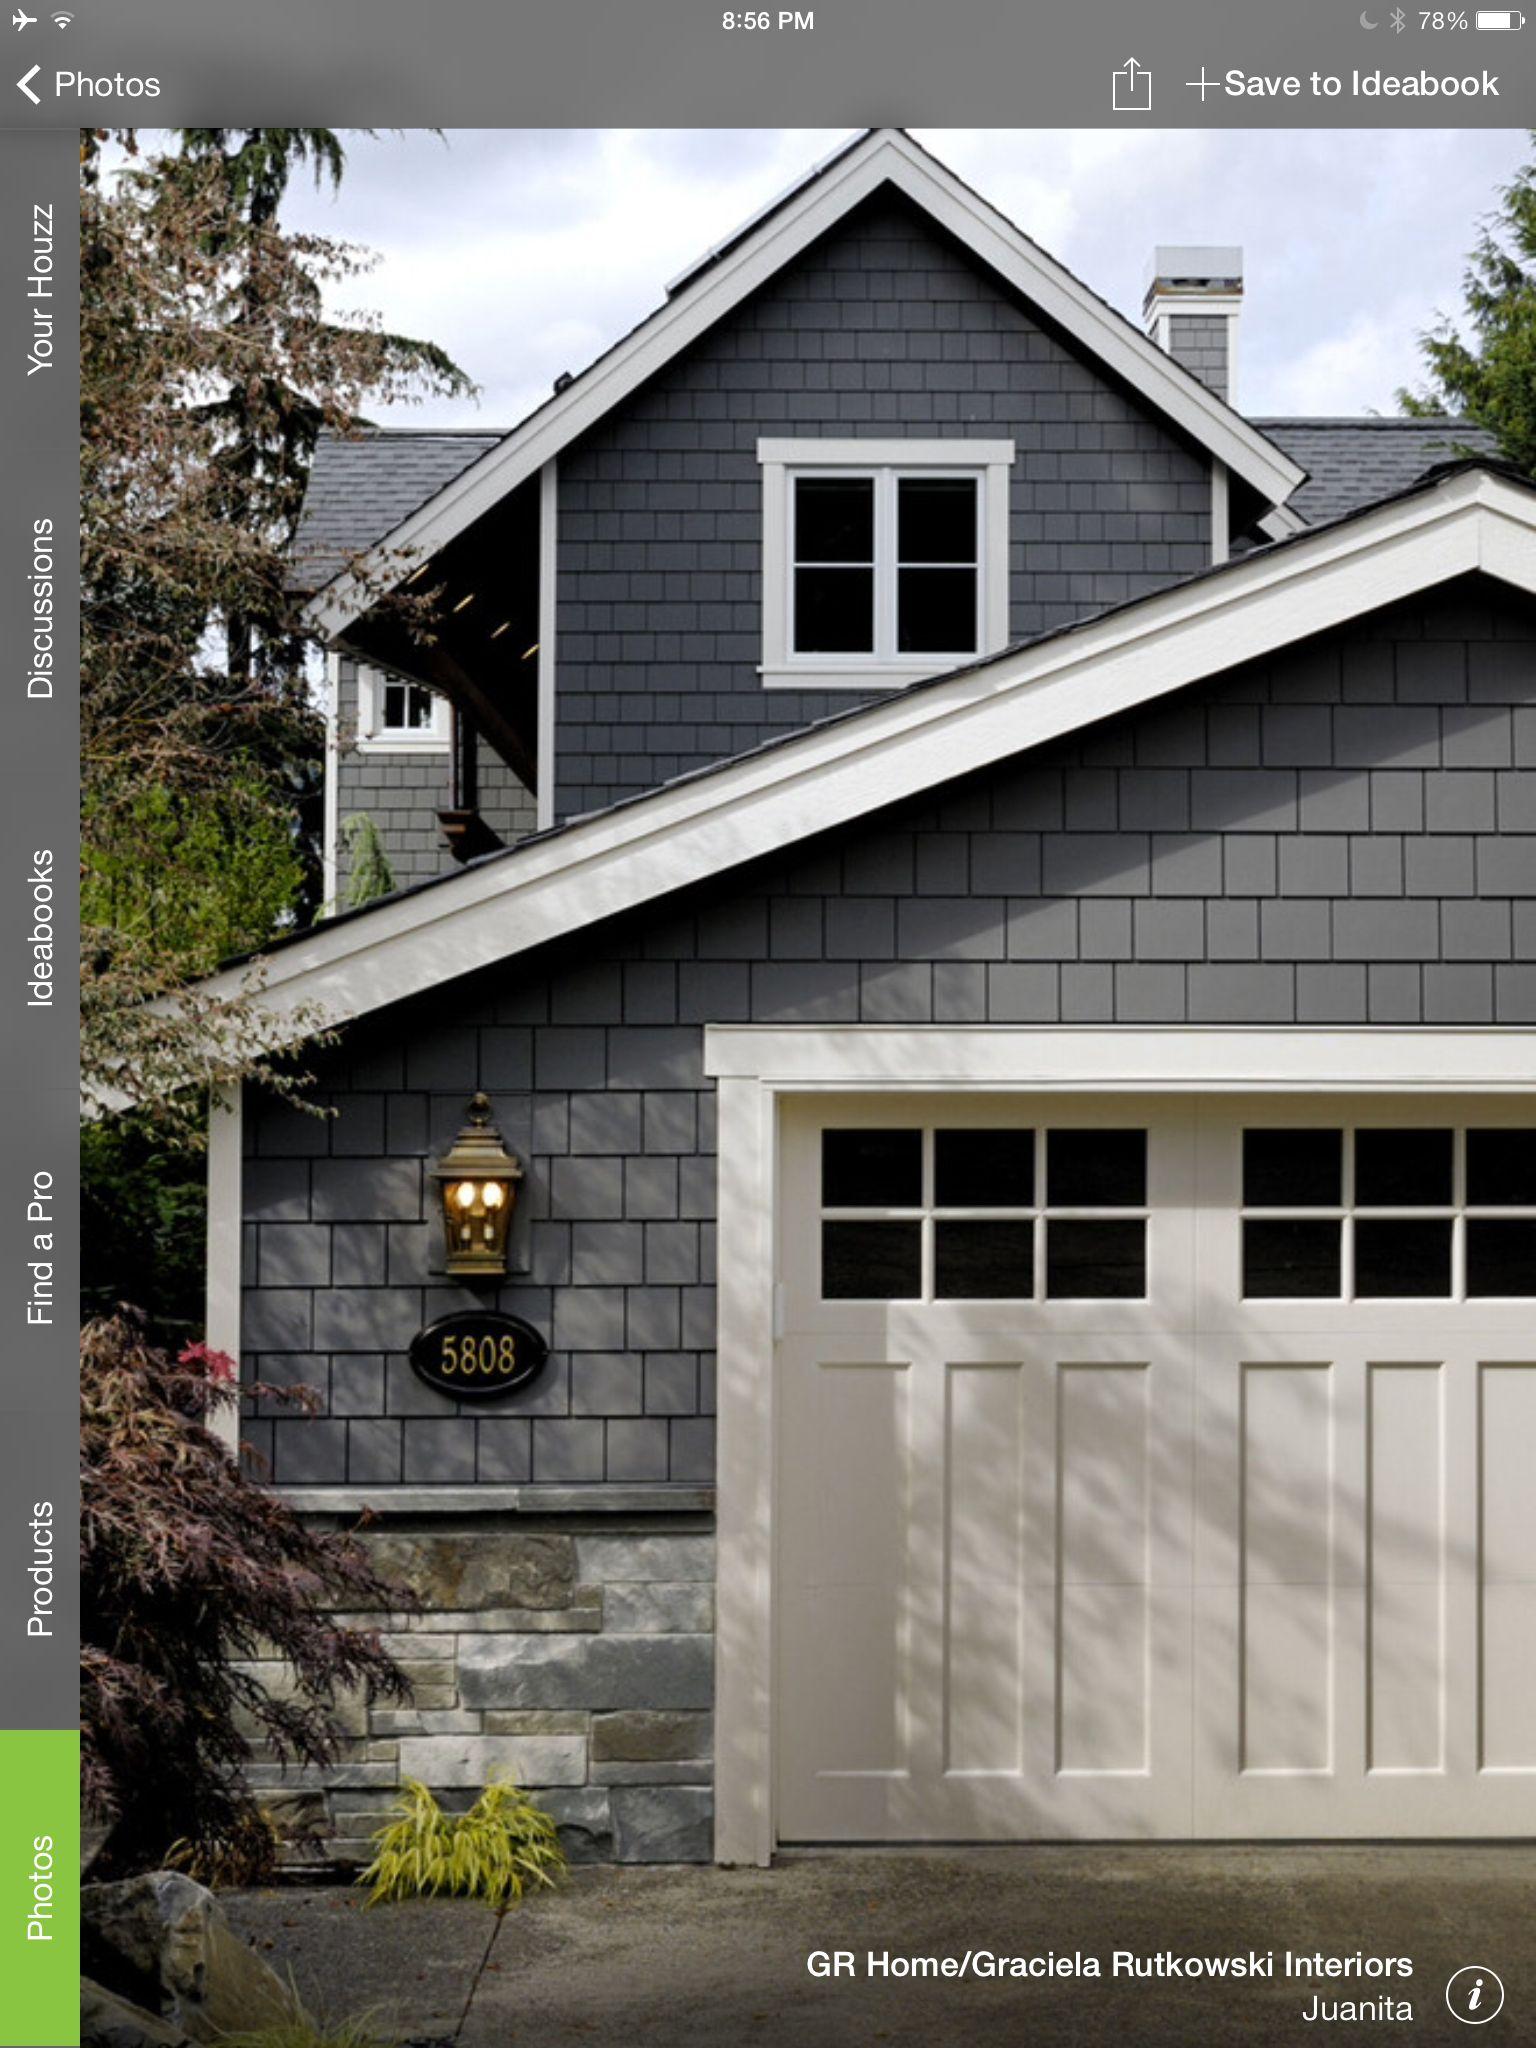 l garage systemsle door style org cowart handballtunisie craftsman delightful doors